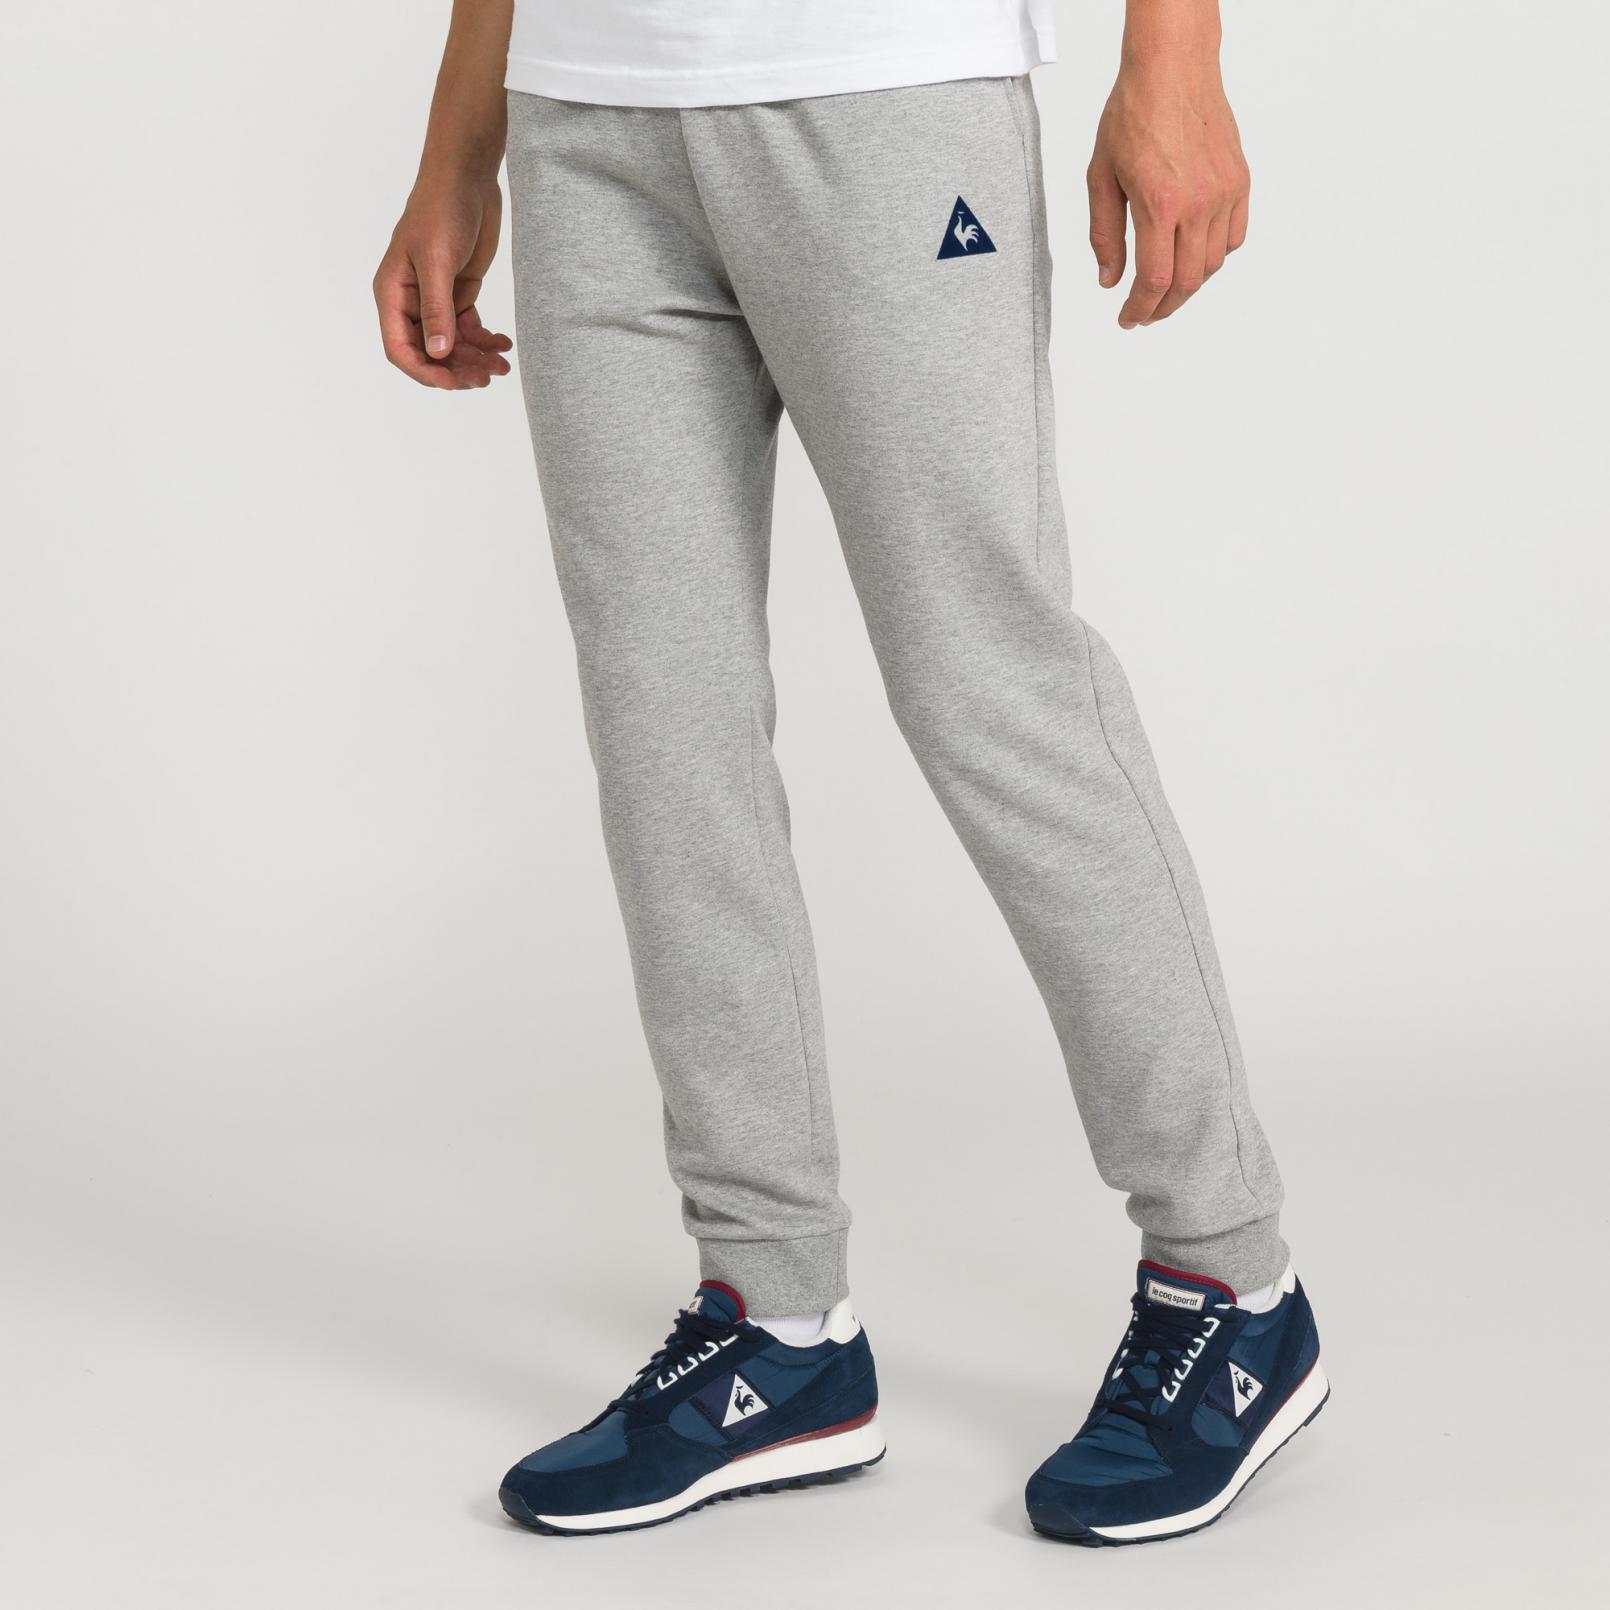 Pants – Le Coq Sportif Essentiels Pant Regular Grey